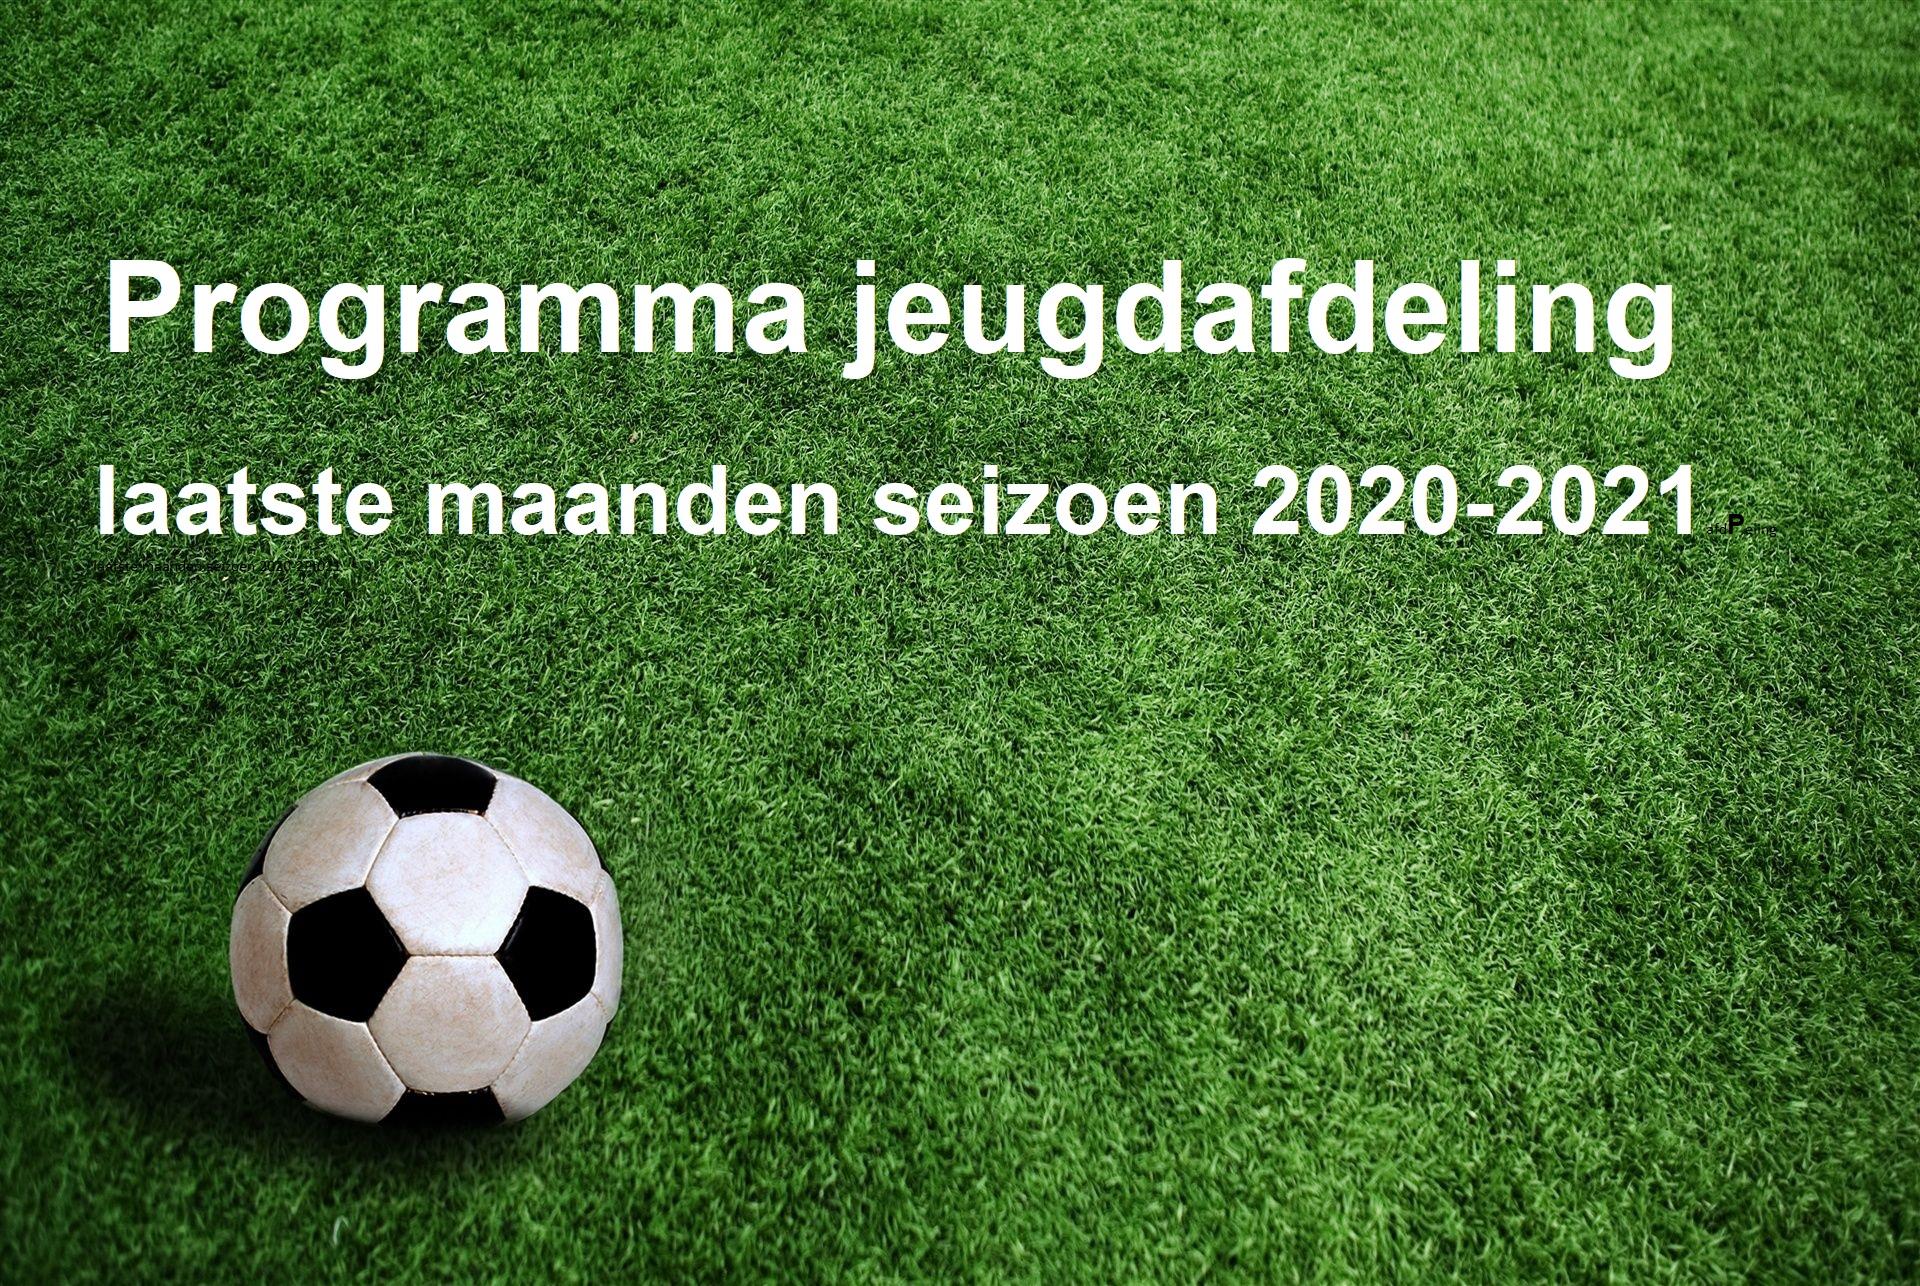 Planning Jeugdafdeling laatste maanden seizoen 2020-2021